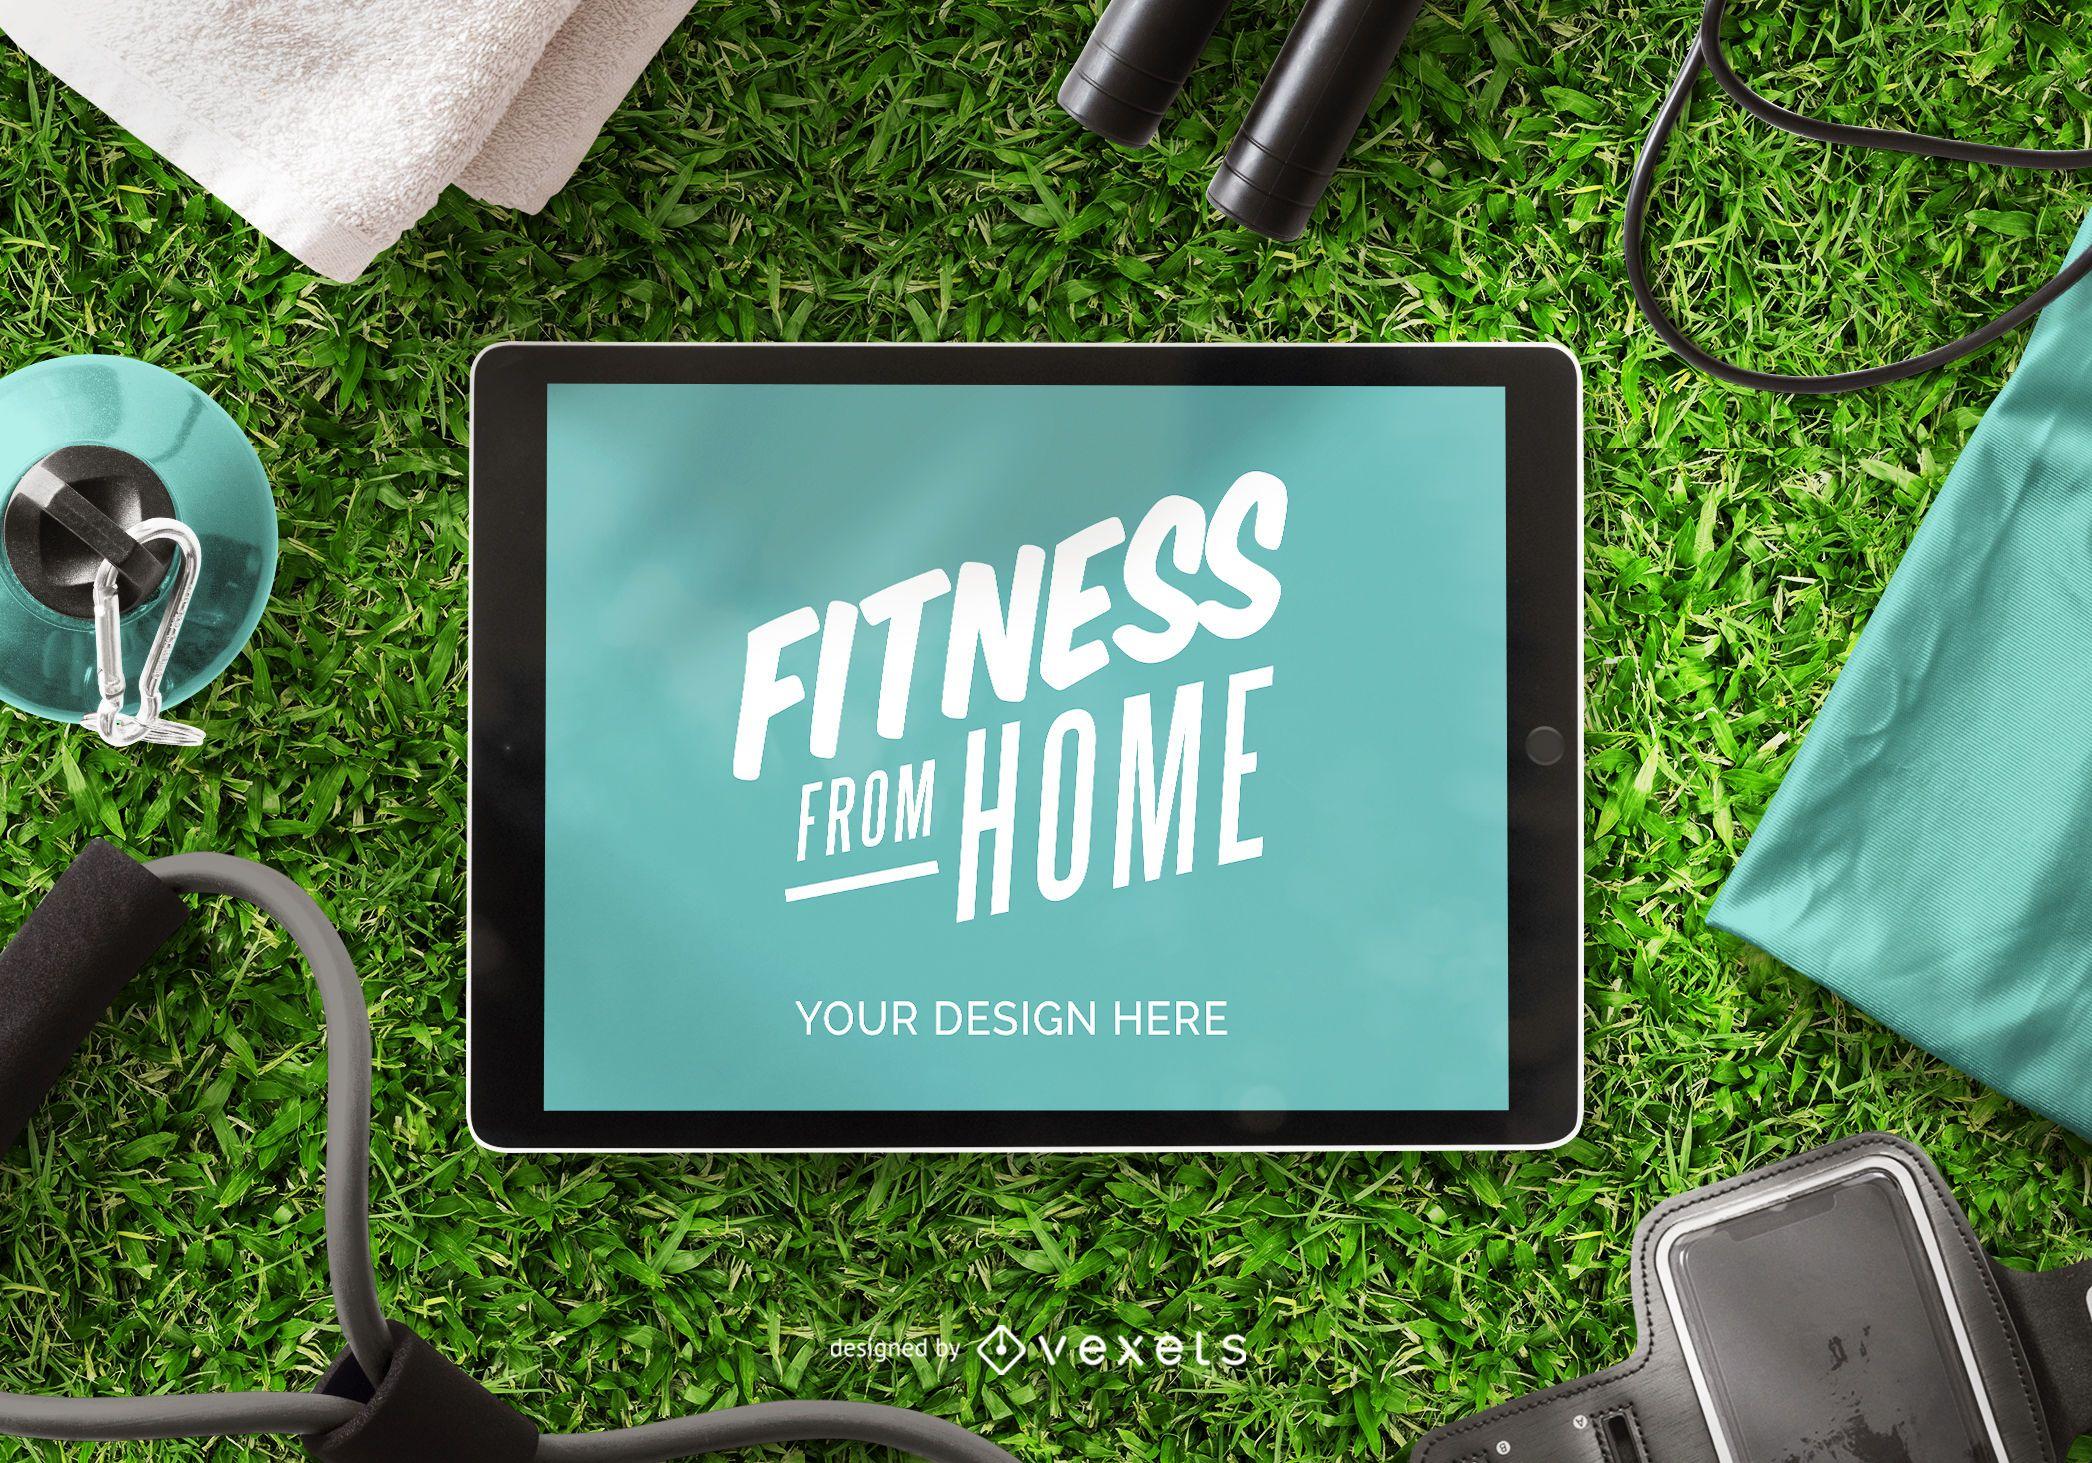 Maquete de ipad de fitness de casa